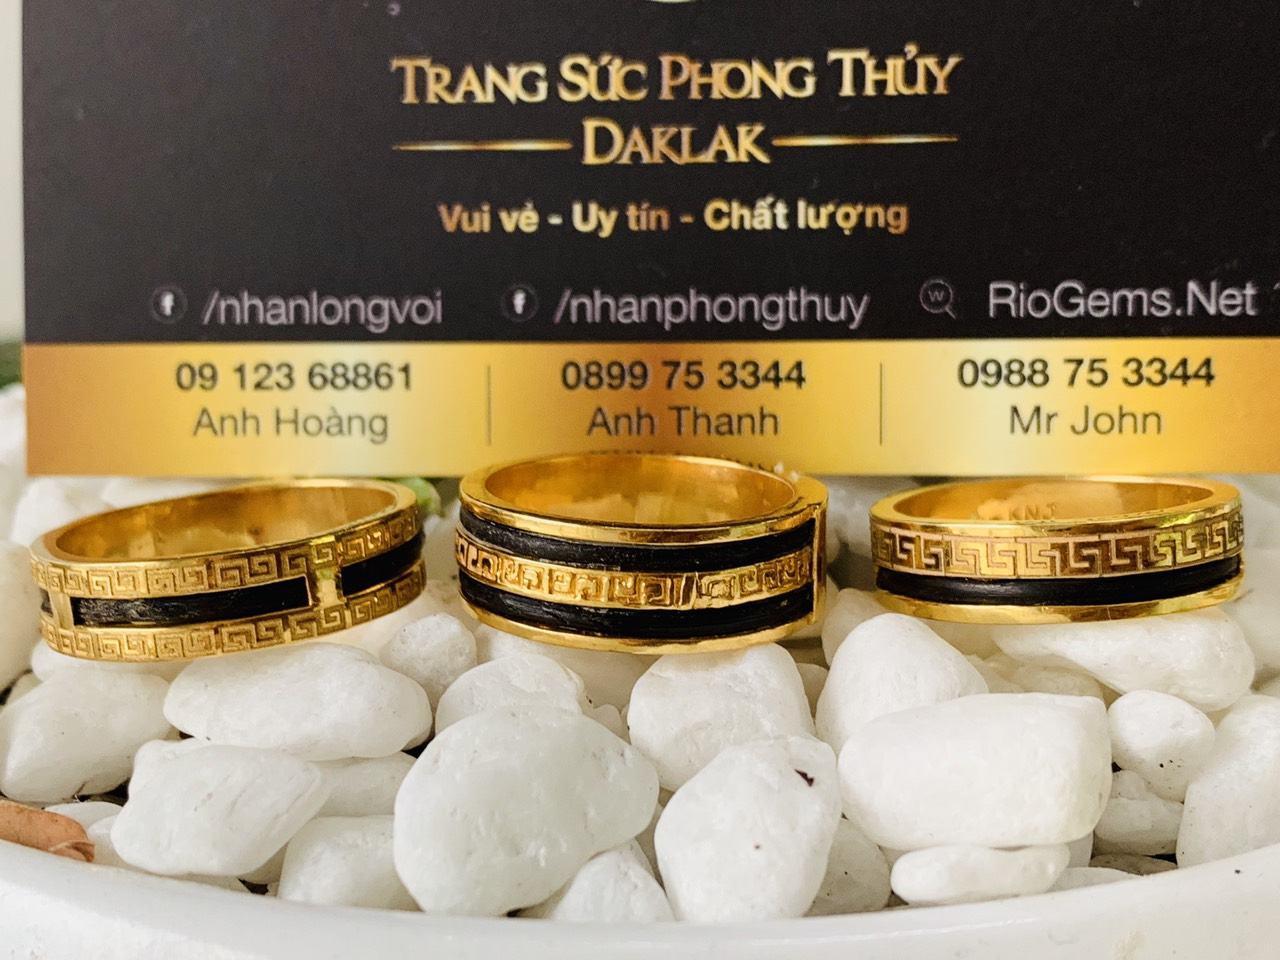 nhan long voi 1 hang hoa van 2 vien long voi vang phong thuy riogems (4)